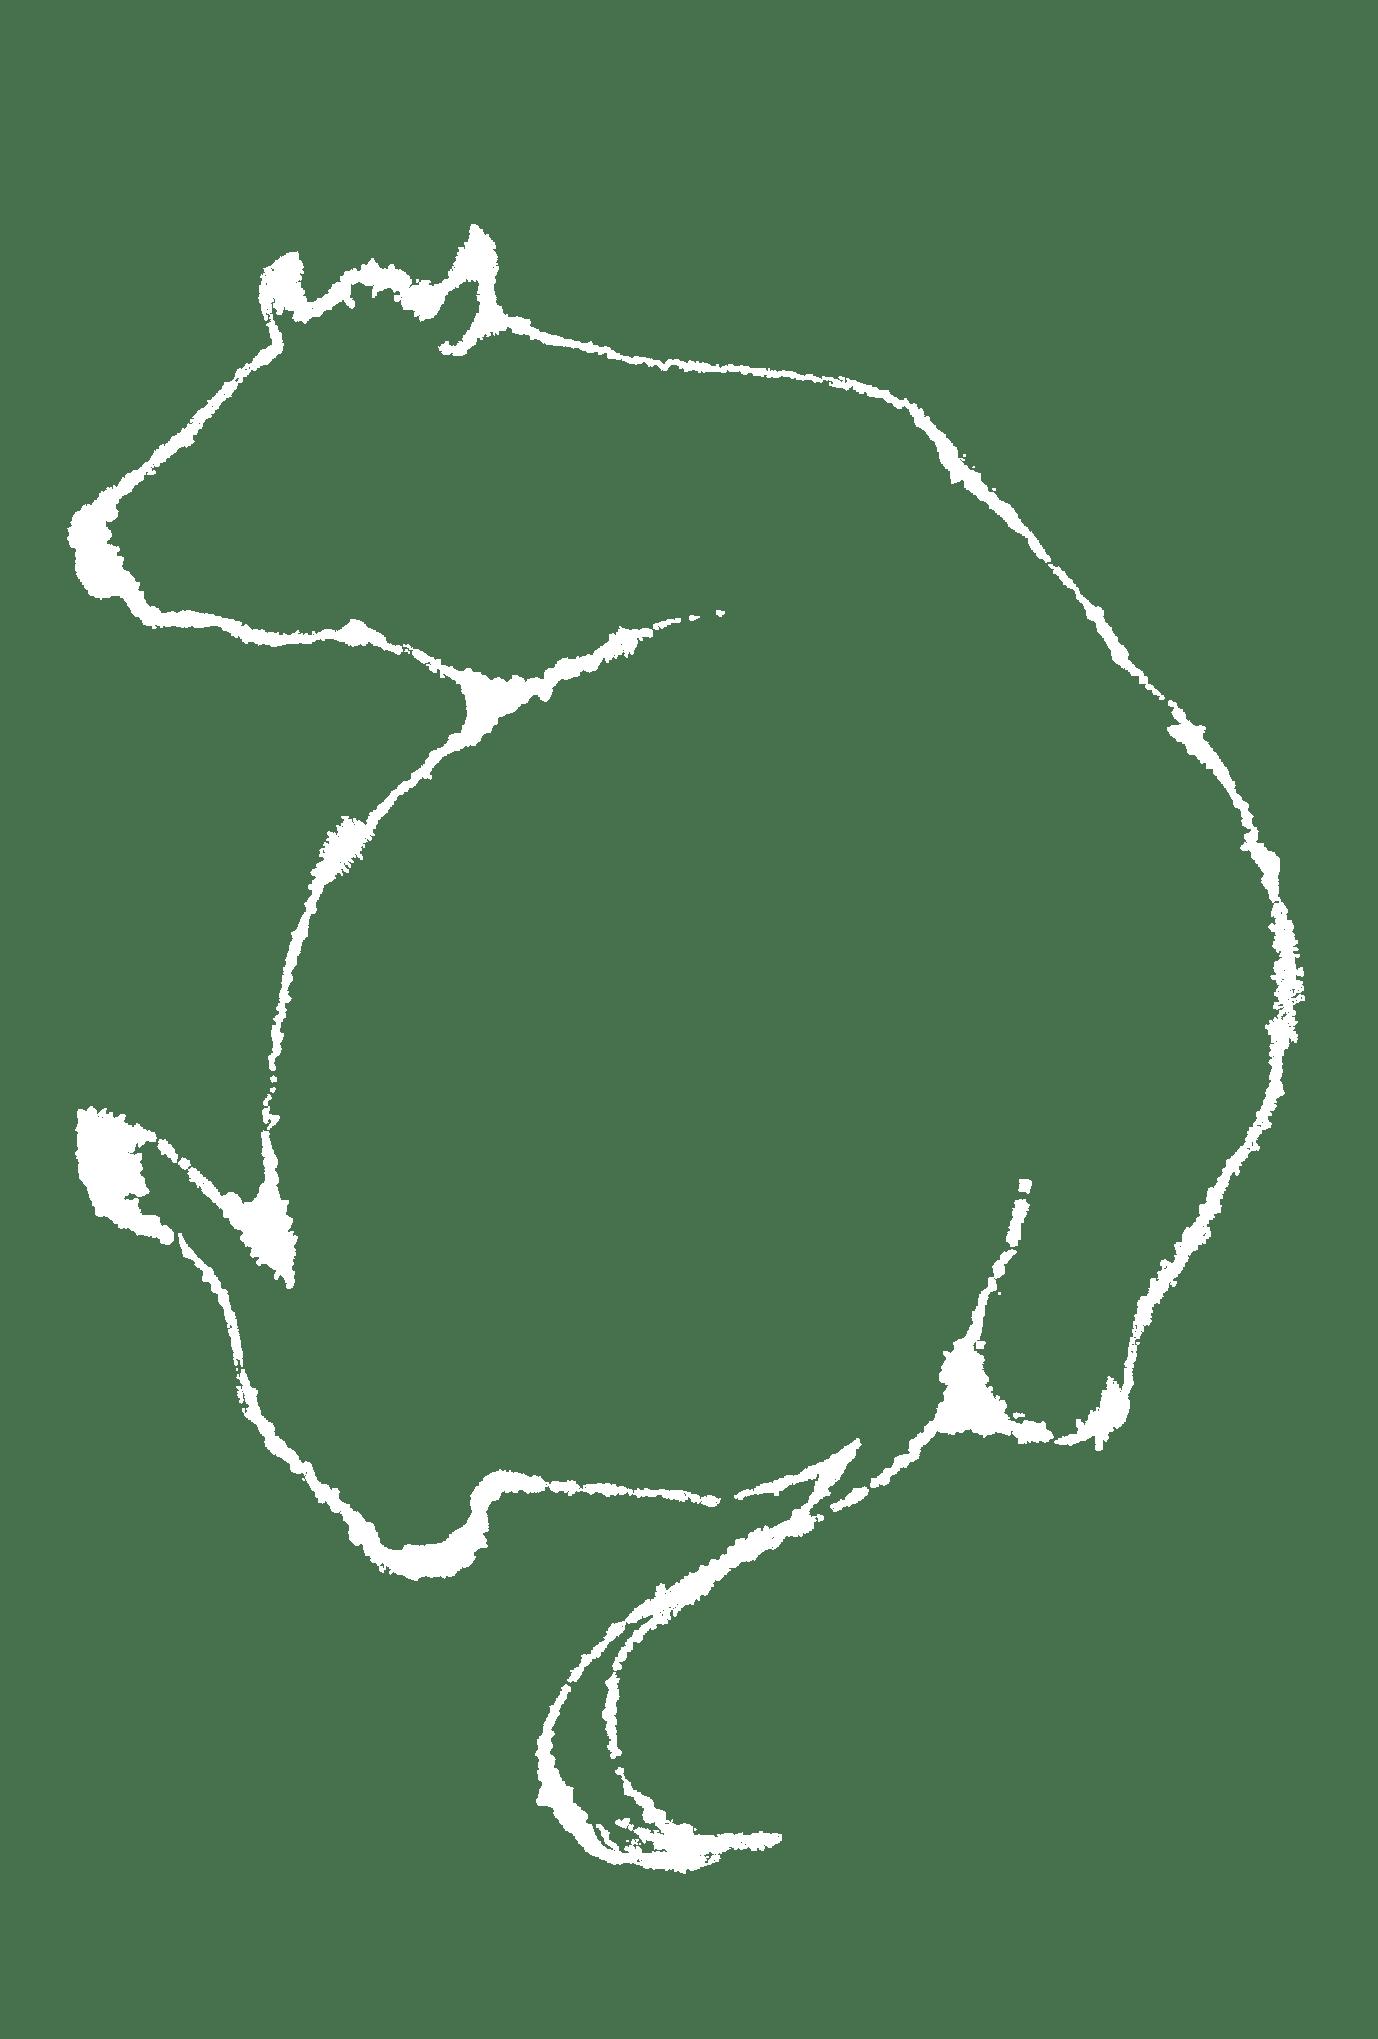 2021年賀状21-3:見返り牛(透過)のダウンロード画像